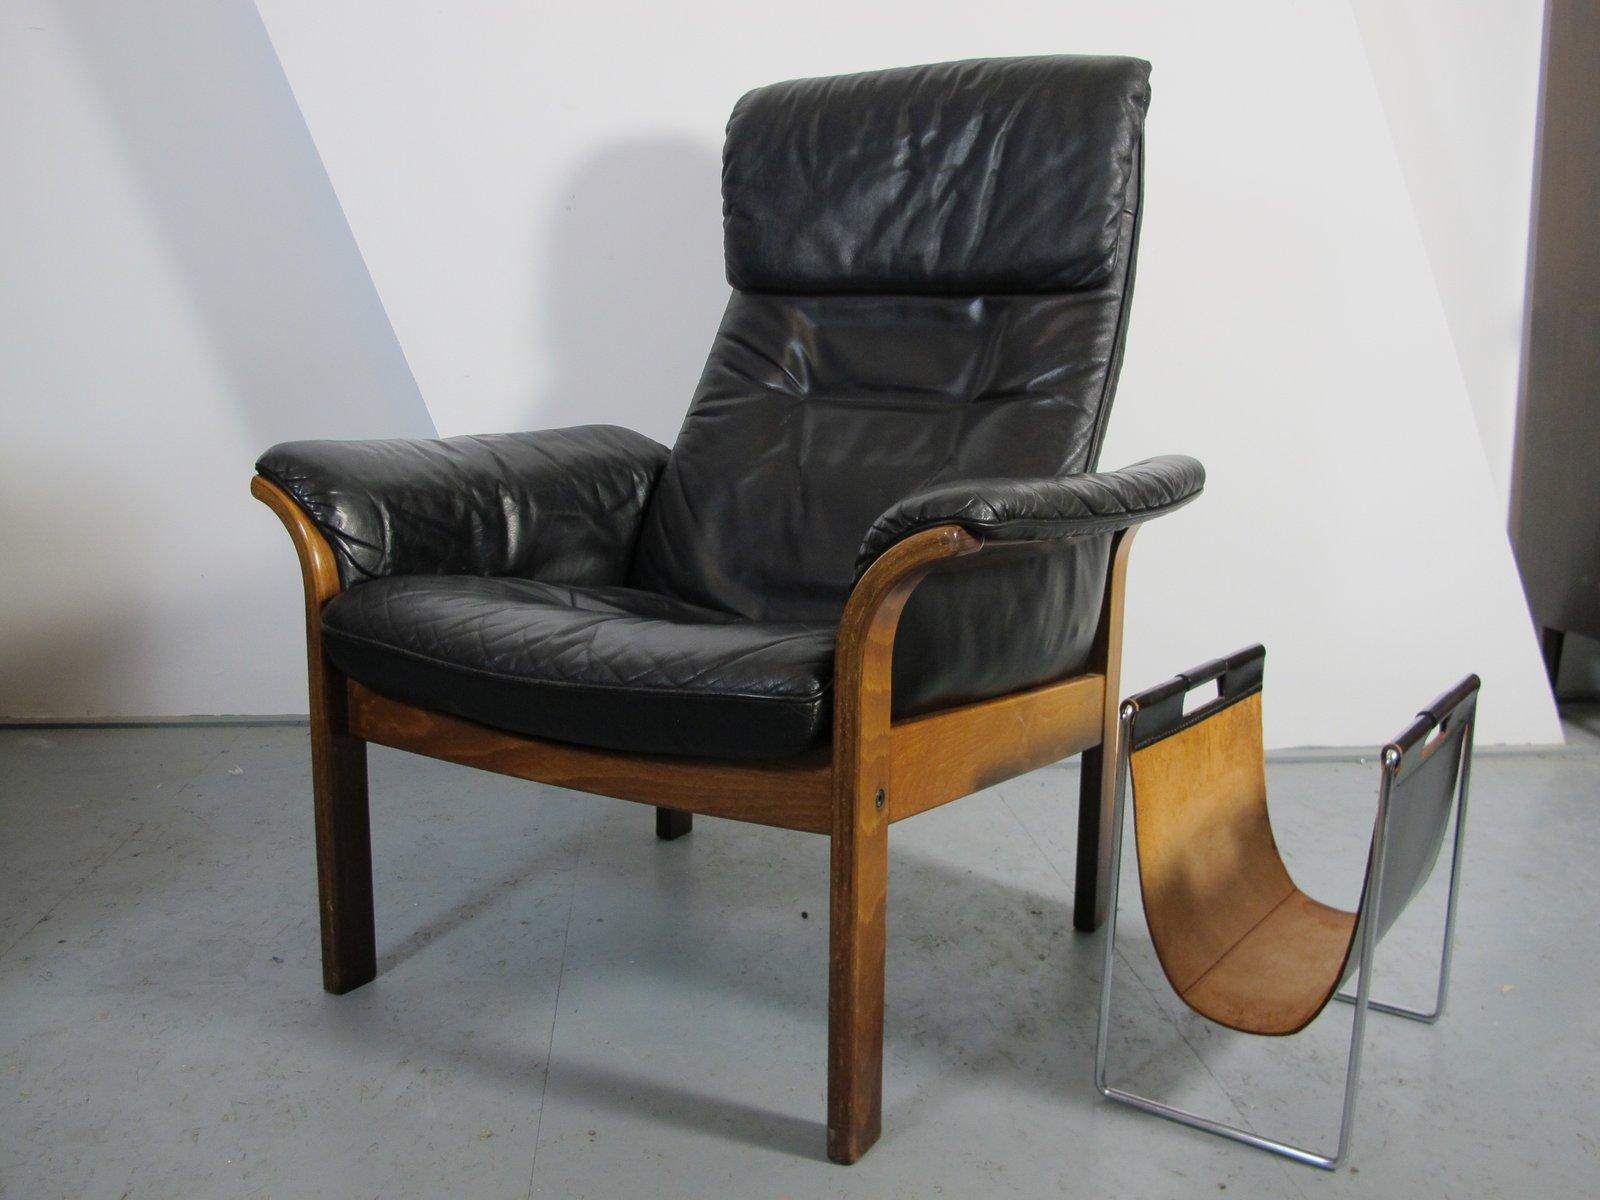 skandinavischer sessel von g mobel bei pamono kaufen. Black Bedroom Furniture Sets. Home Design Ideas